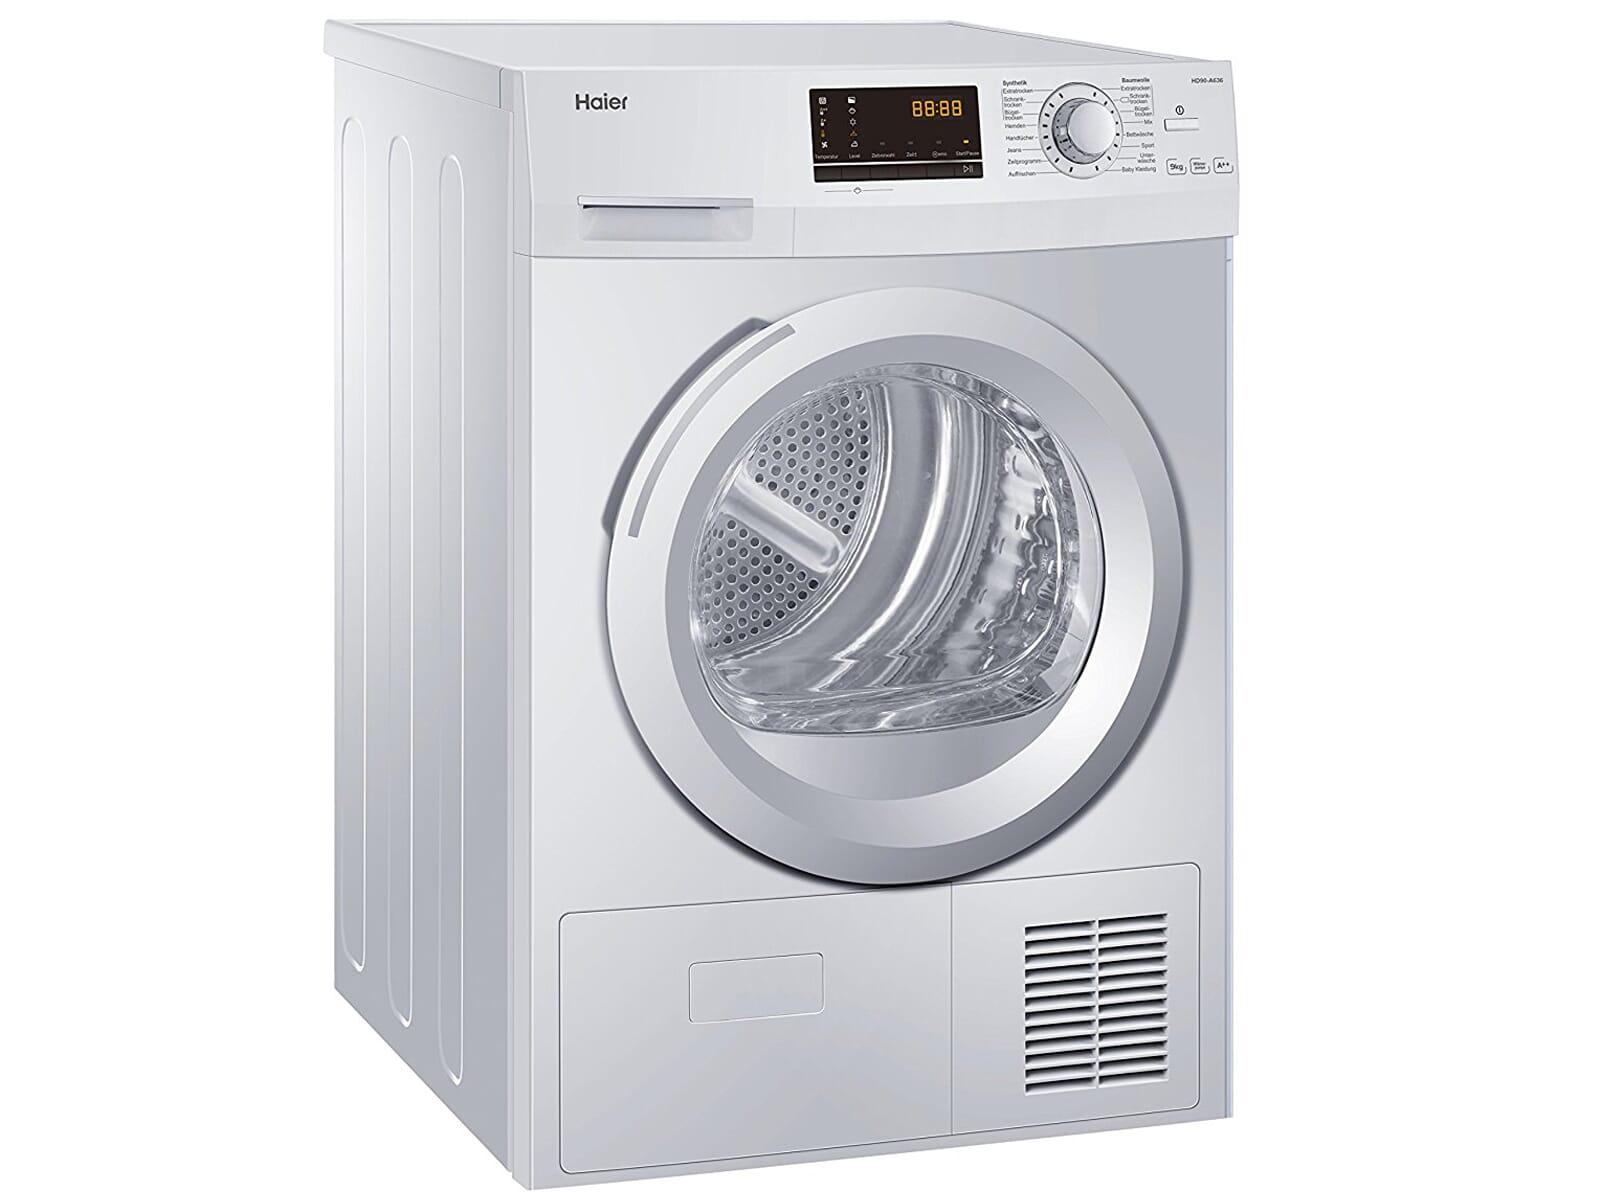 Haier hd90 a636 trockner weiß wäschetrockner kondenstrockner